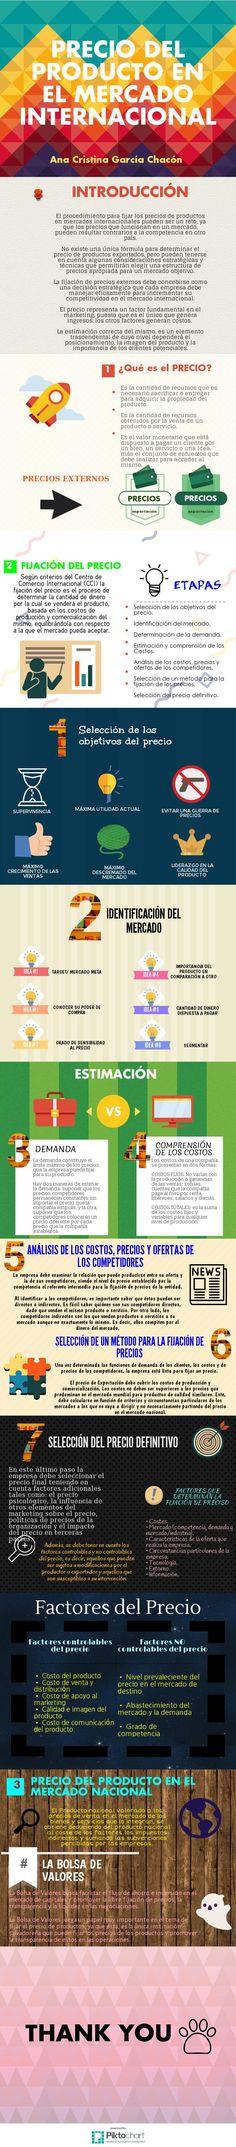 PRECIO DEL PRODUCTO EN MERCADO INTERNACIONAL   @Piktochart Infographic by: Ana Cristina García Chacón